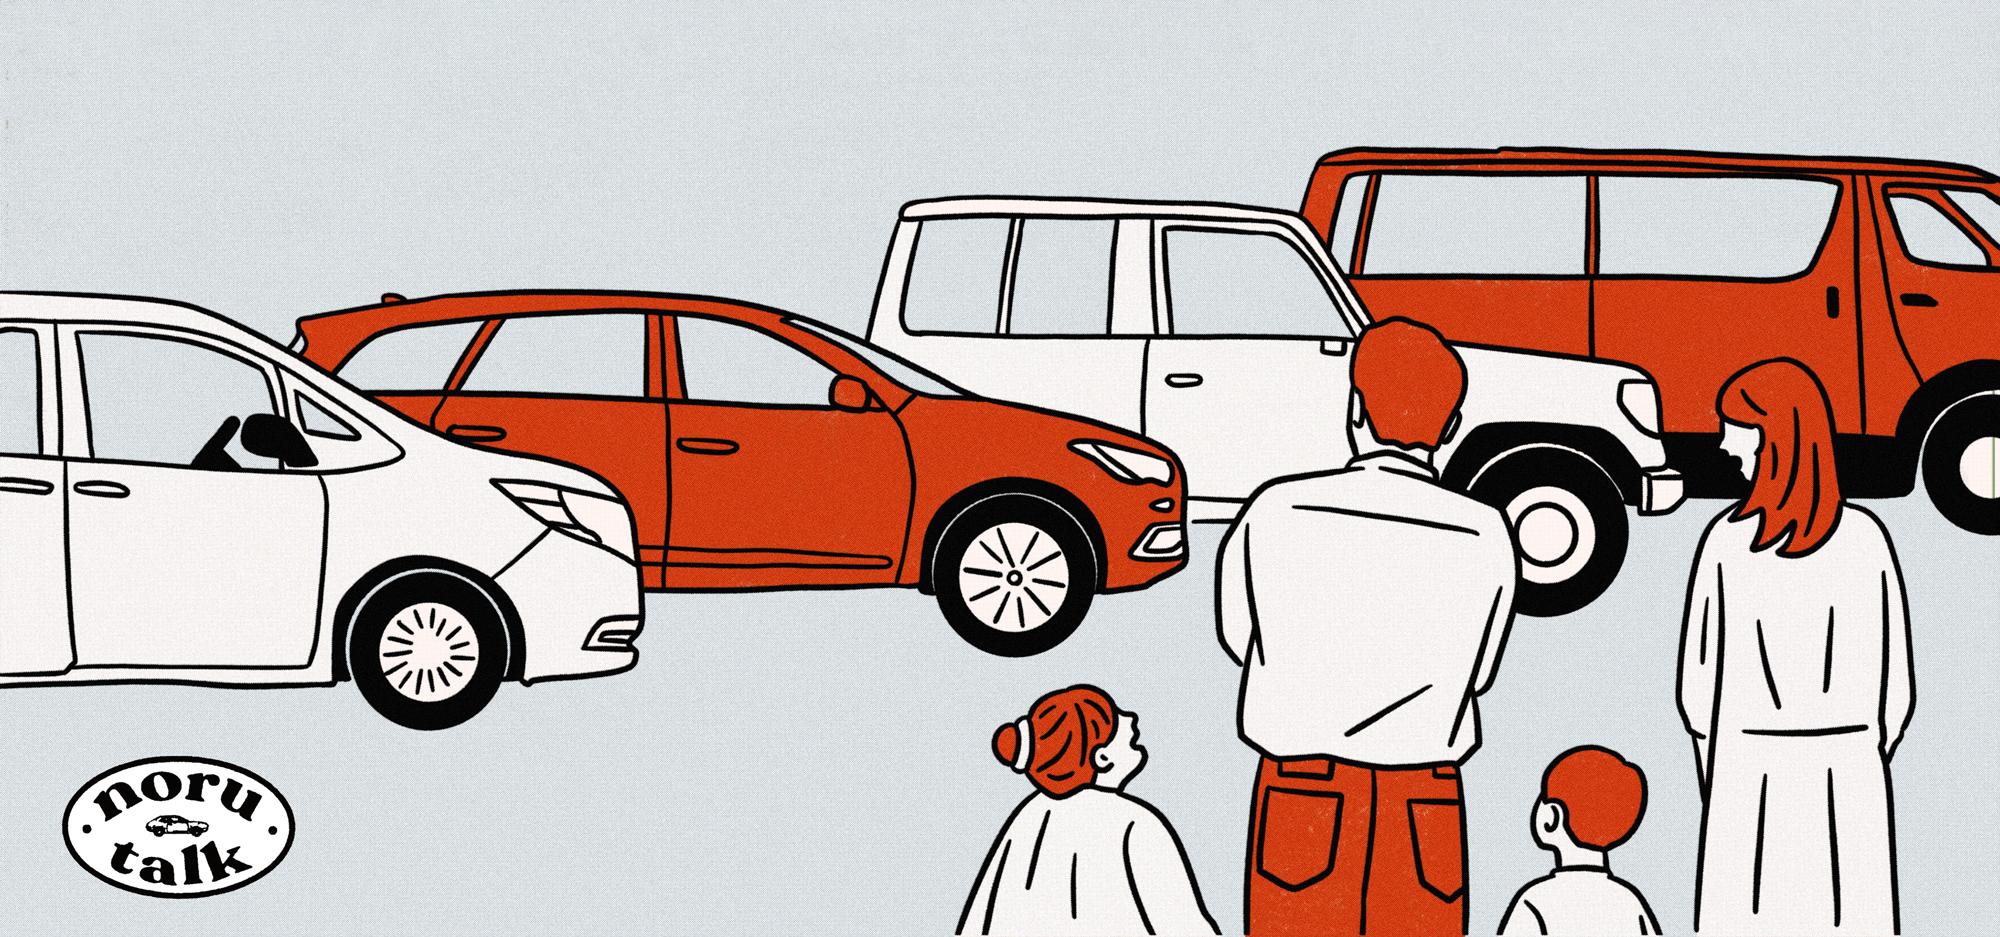 #02 クルマはデザイン重視! な父たち。乗りたいファミリーカーってどんなの?